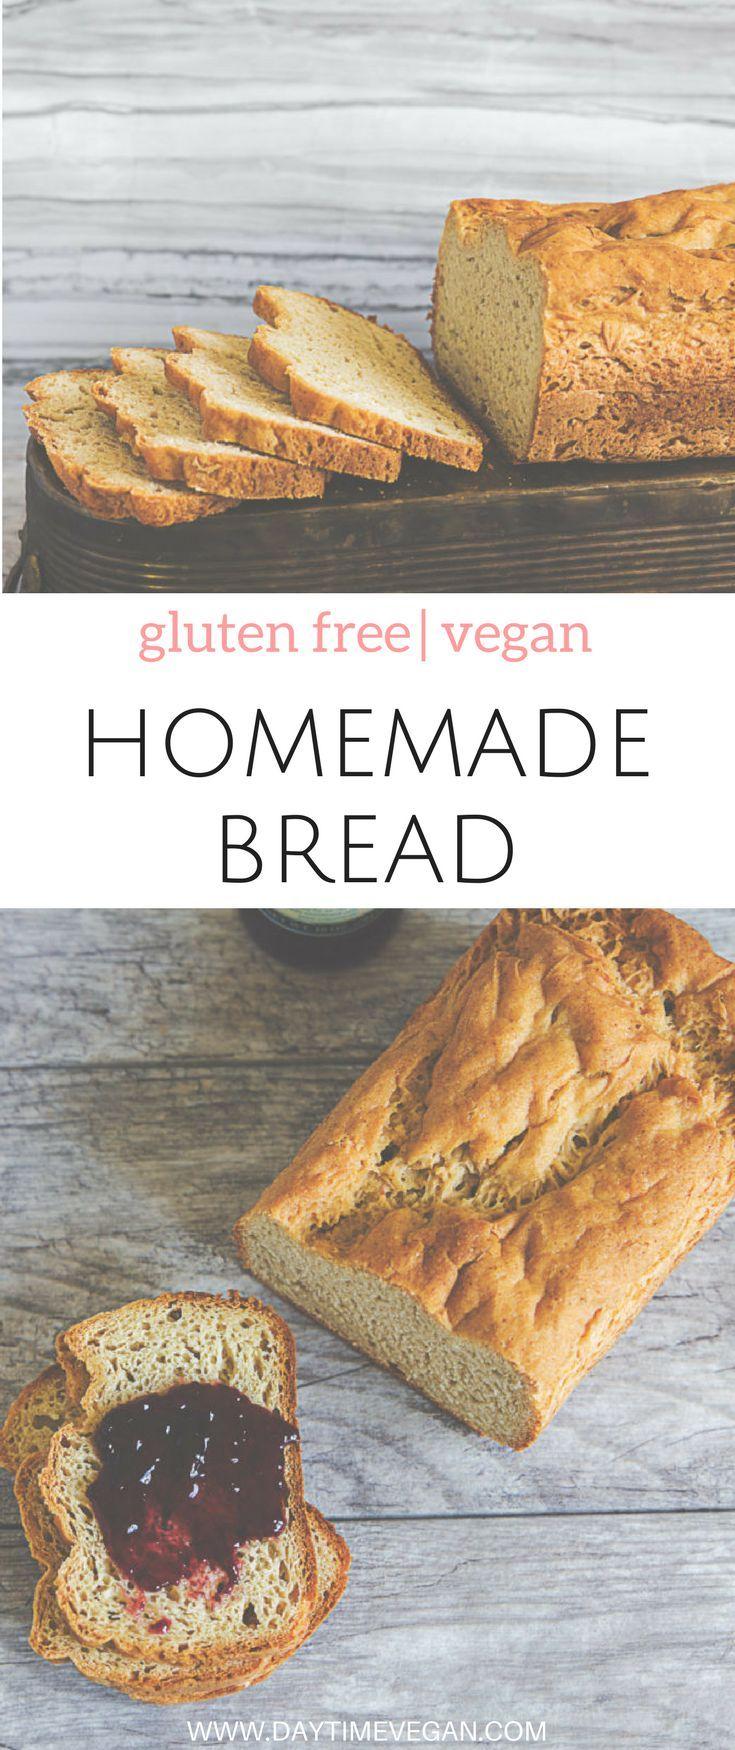 Easy Vegan & Gluten-free Homemade Bread Recipe | Easy vegan recipes for beginners | Vegan meal plans…